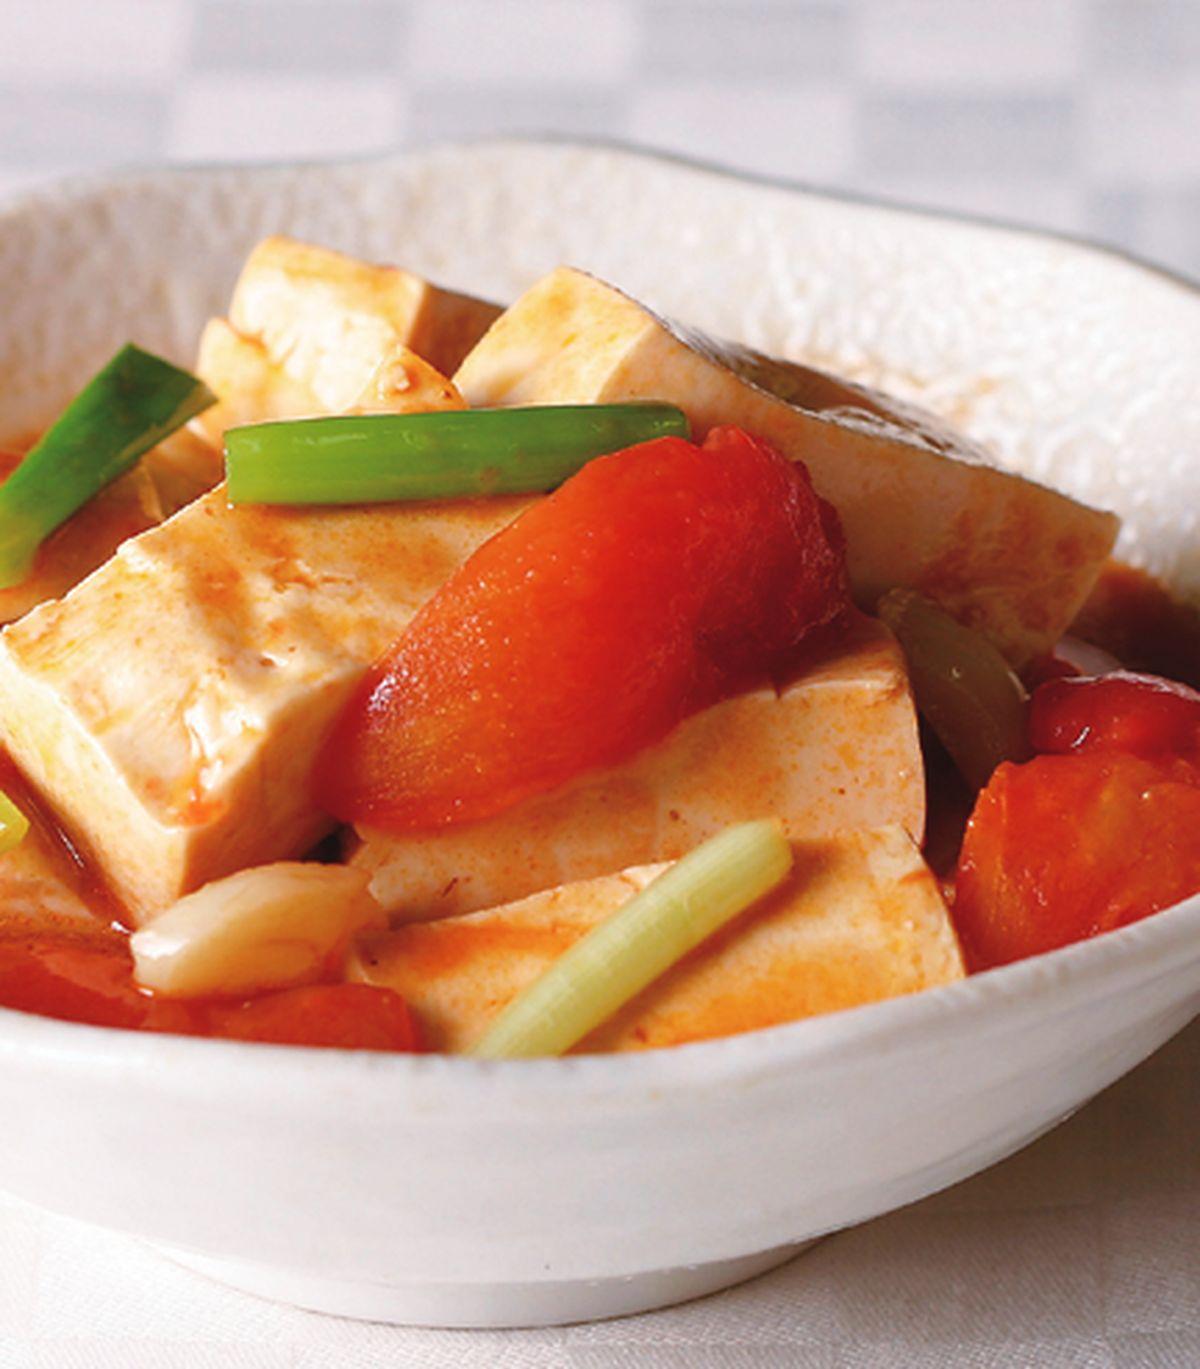 食譜:蕃茄炒豆腐